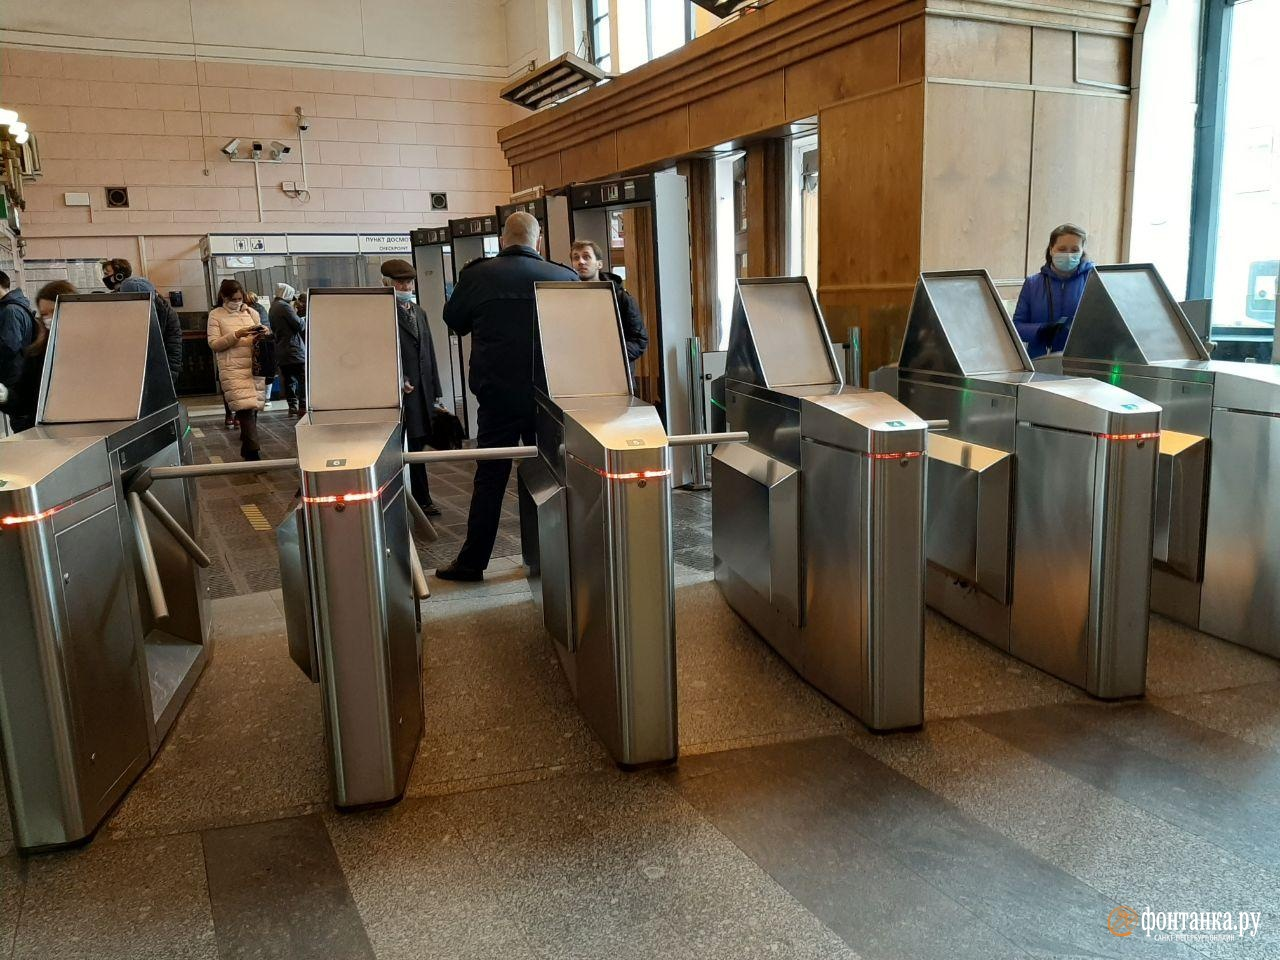 станция метро «Чернышевская»<br><br>автор Ирина Корбат / «Фонтанка.ру»<br>